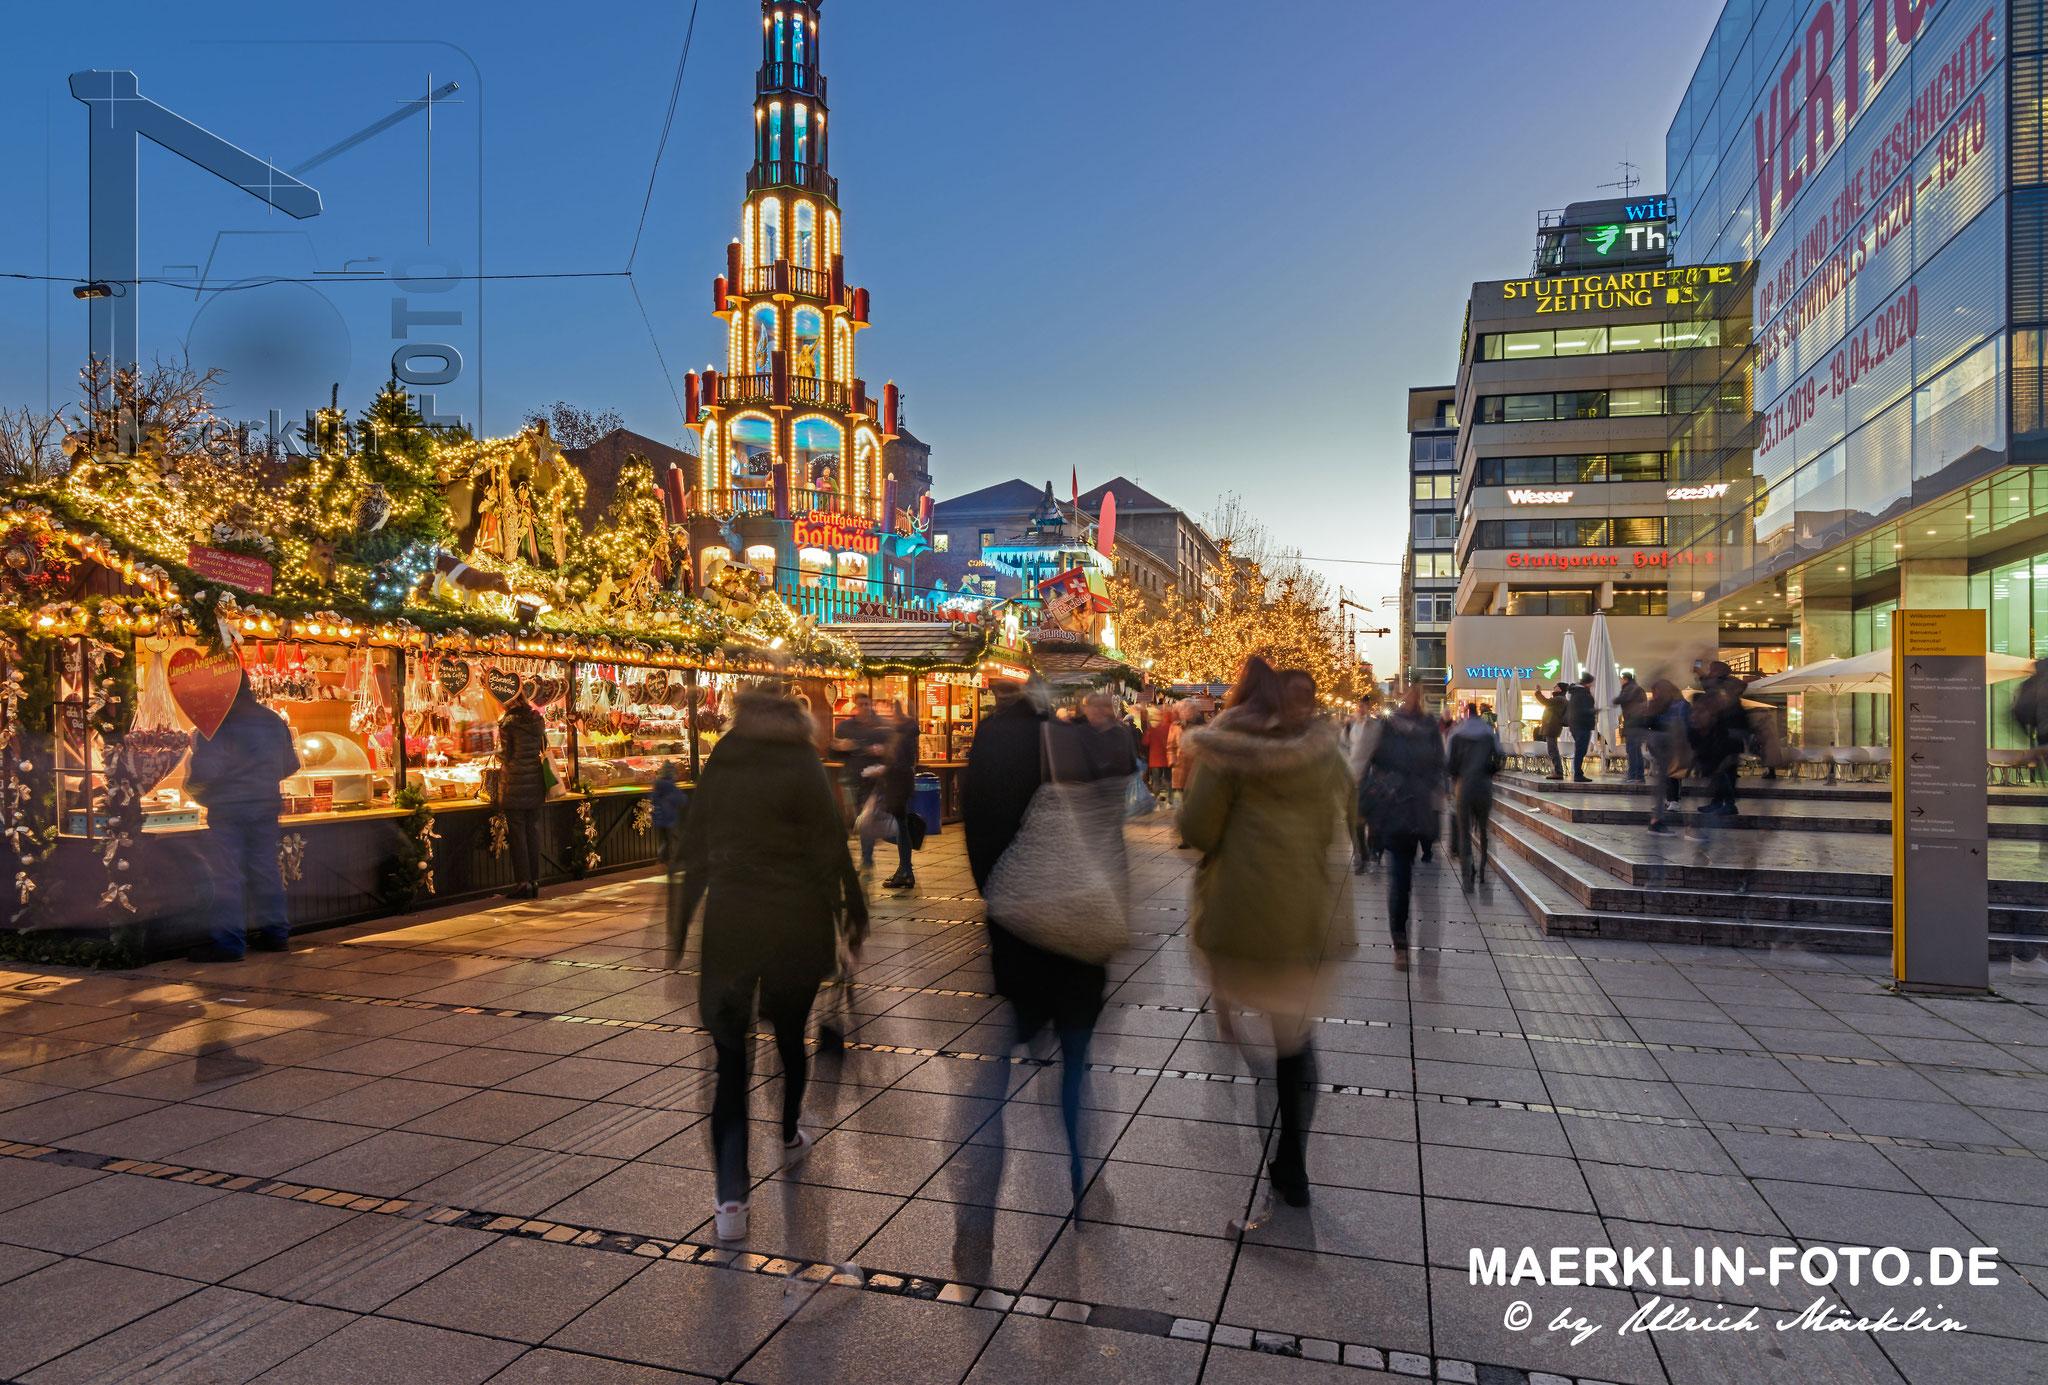 Weihnachtsmarkt in Stuttgart, Schlossplatz/Königstraße